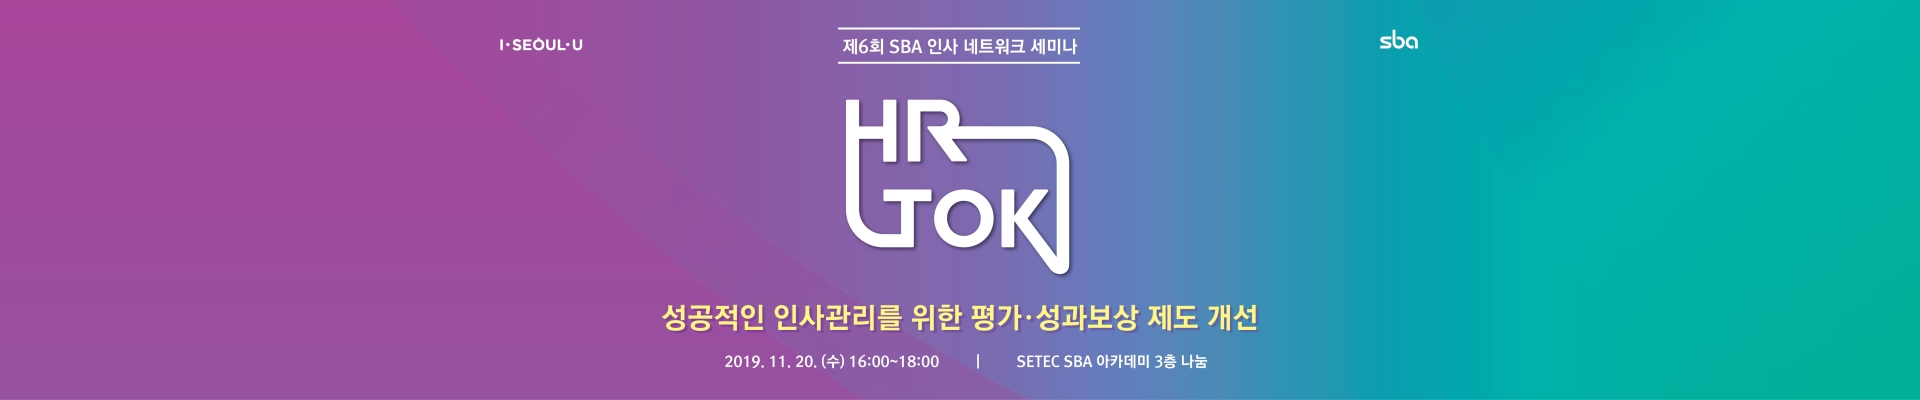 이벤터스_11월 HR TOK 세미나,  SBA, 참가자모집, 이벤터스